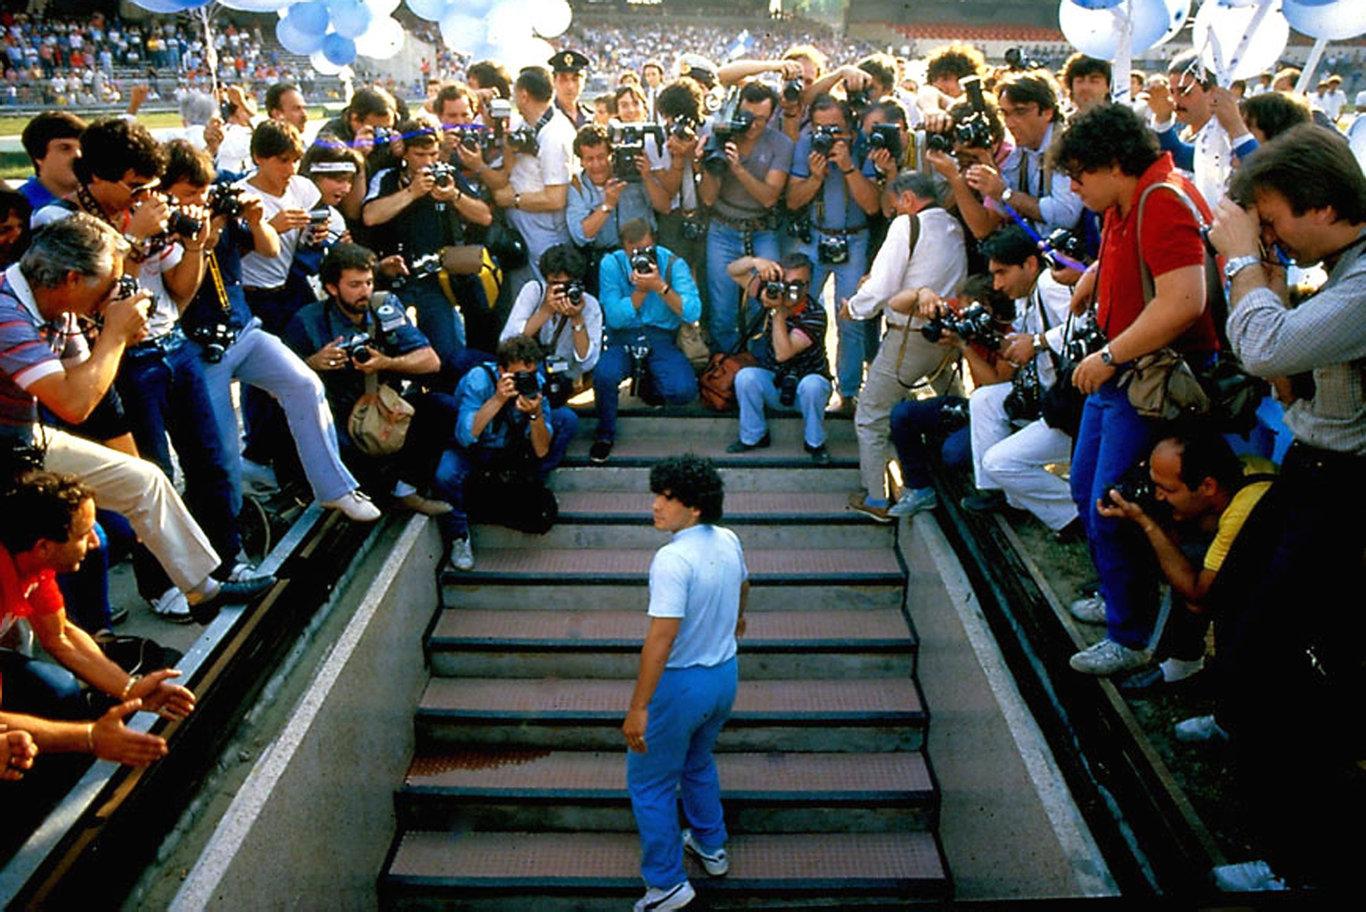 Diego Maradona in a scene from the documentary Diego Maradona.